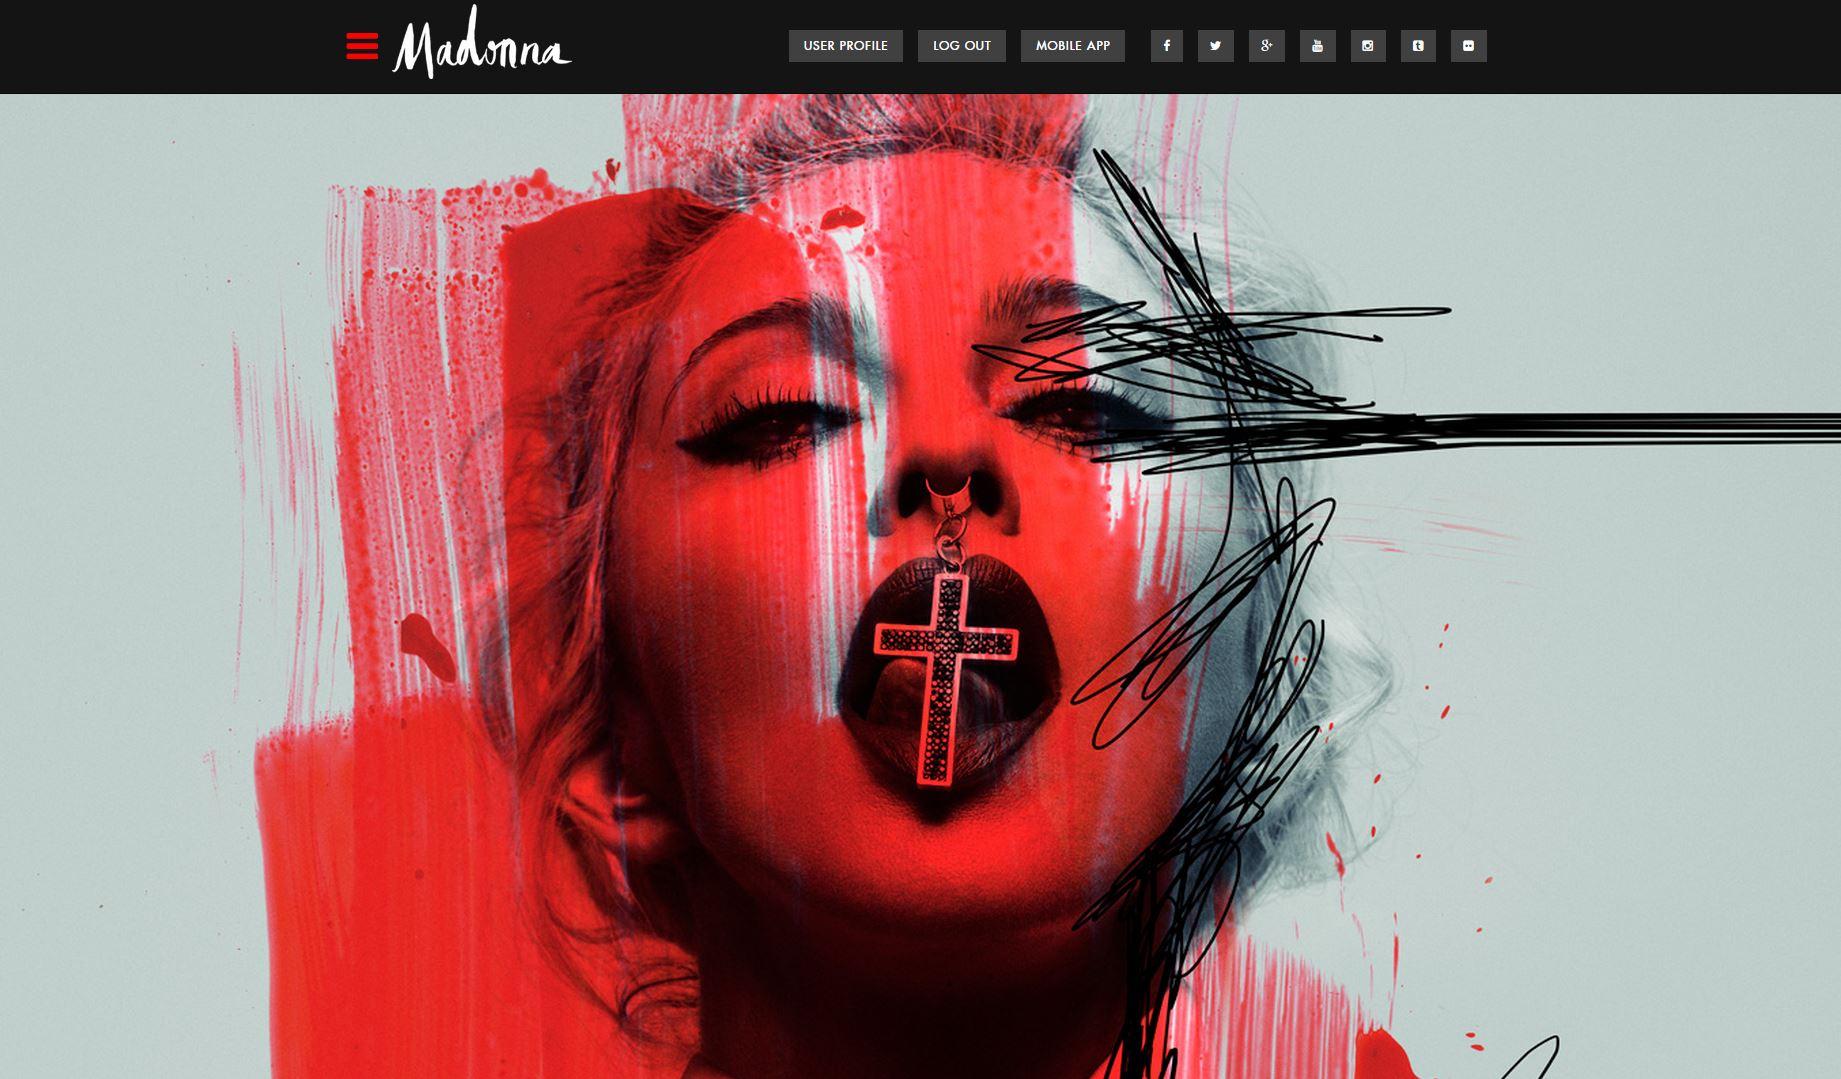 madonna website s rebel heart madonnaunderground